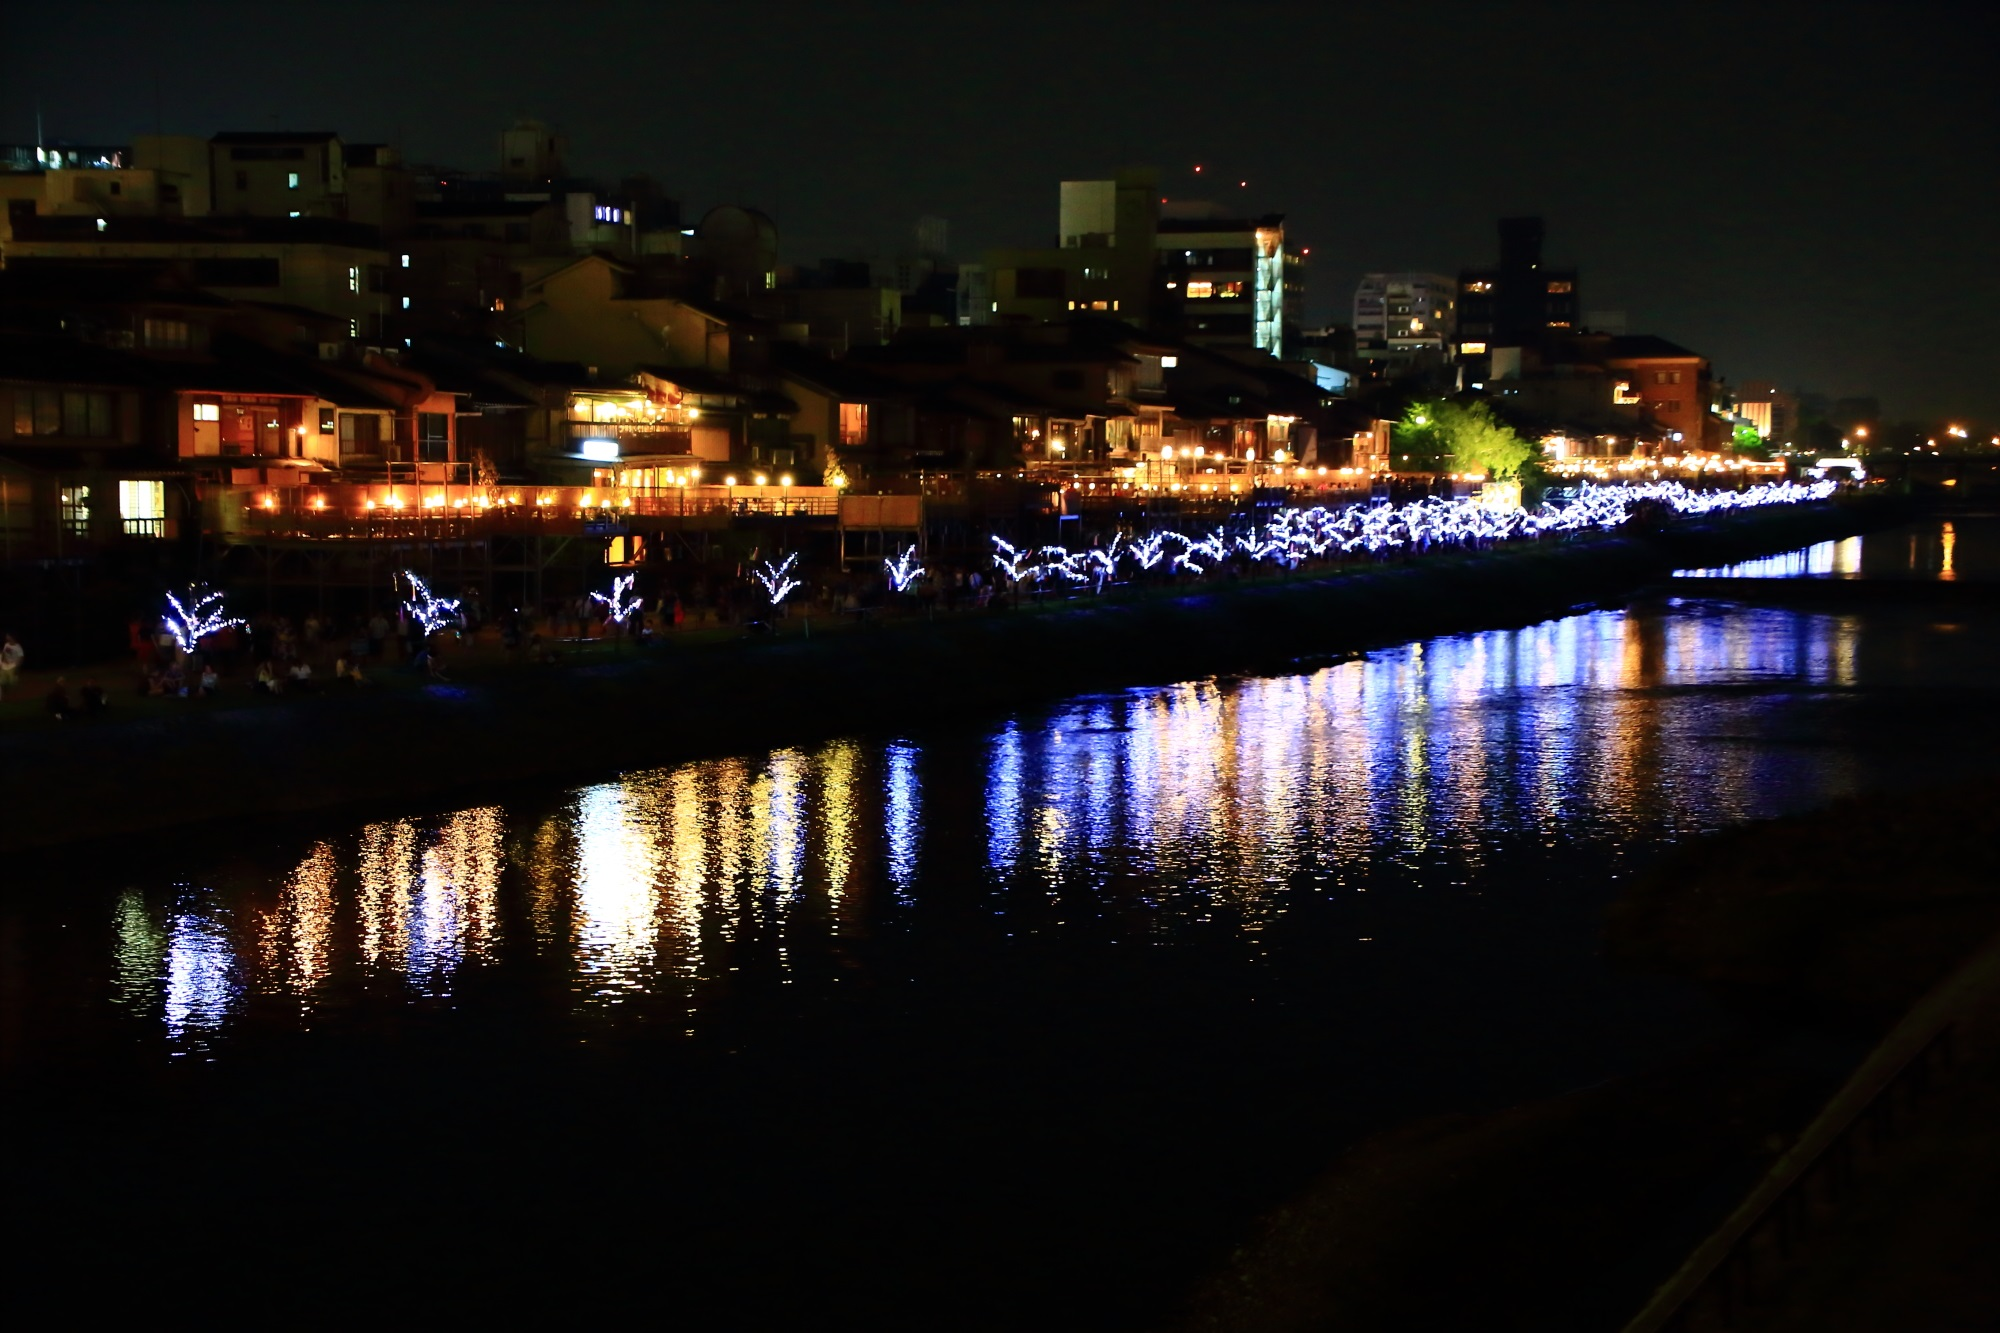 納涼床と七夕飾りの京の七夕の鴨川会場